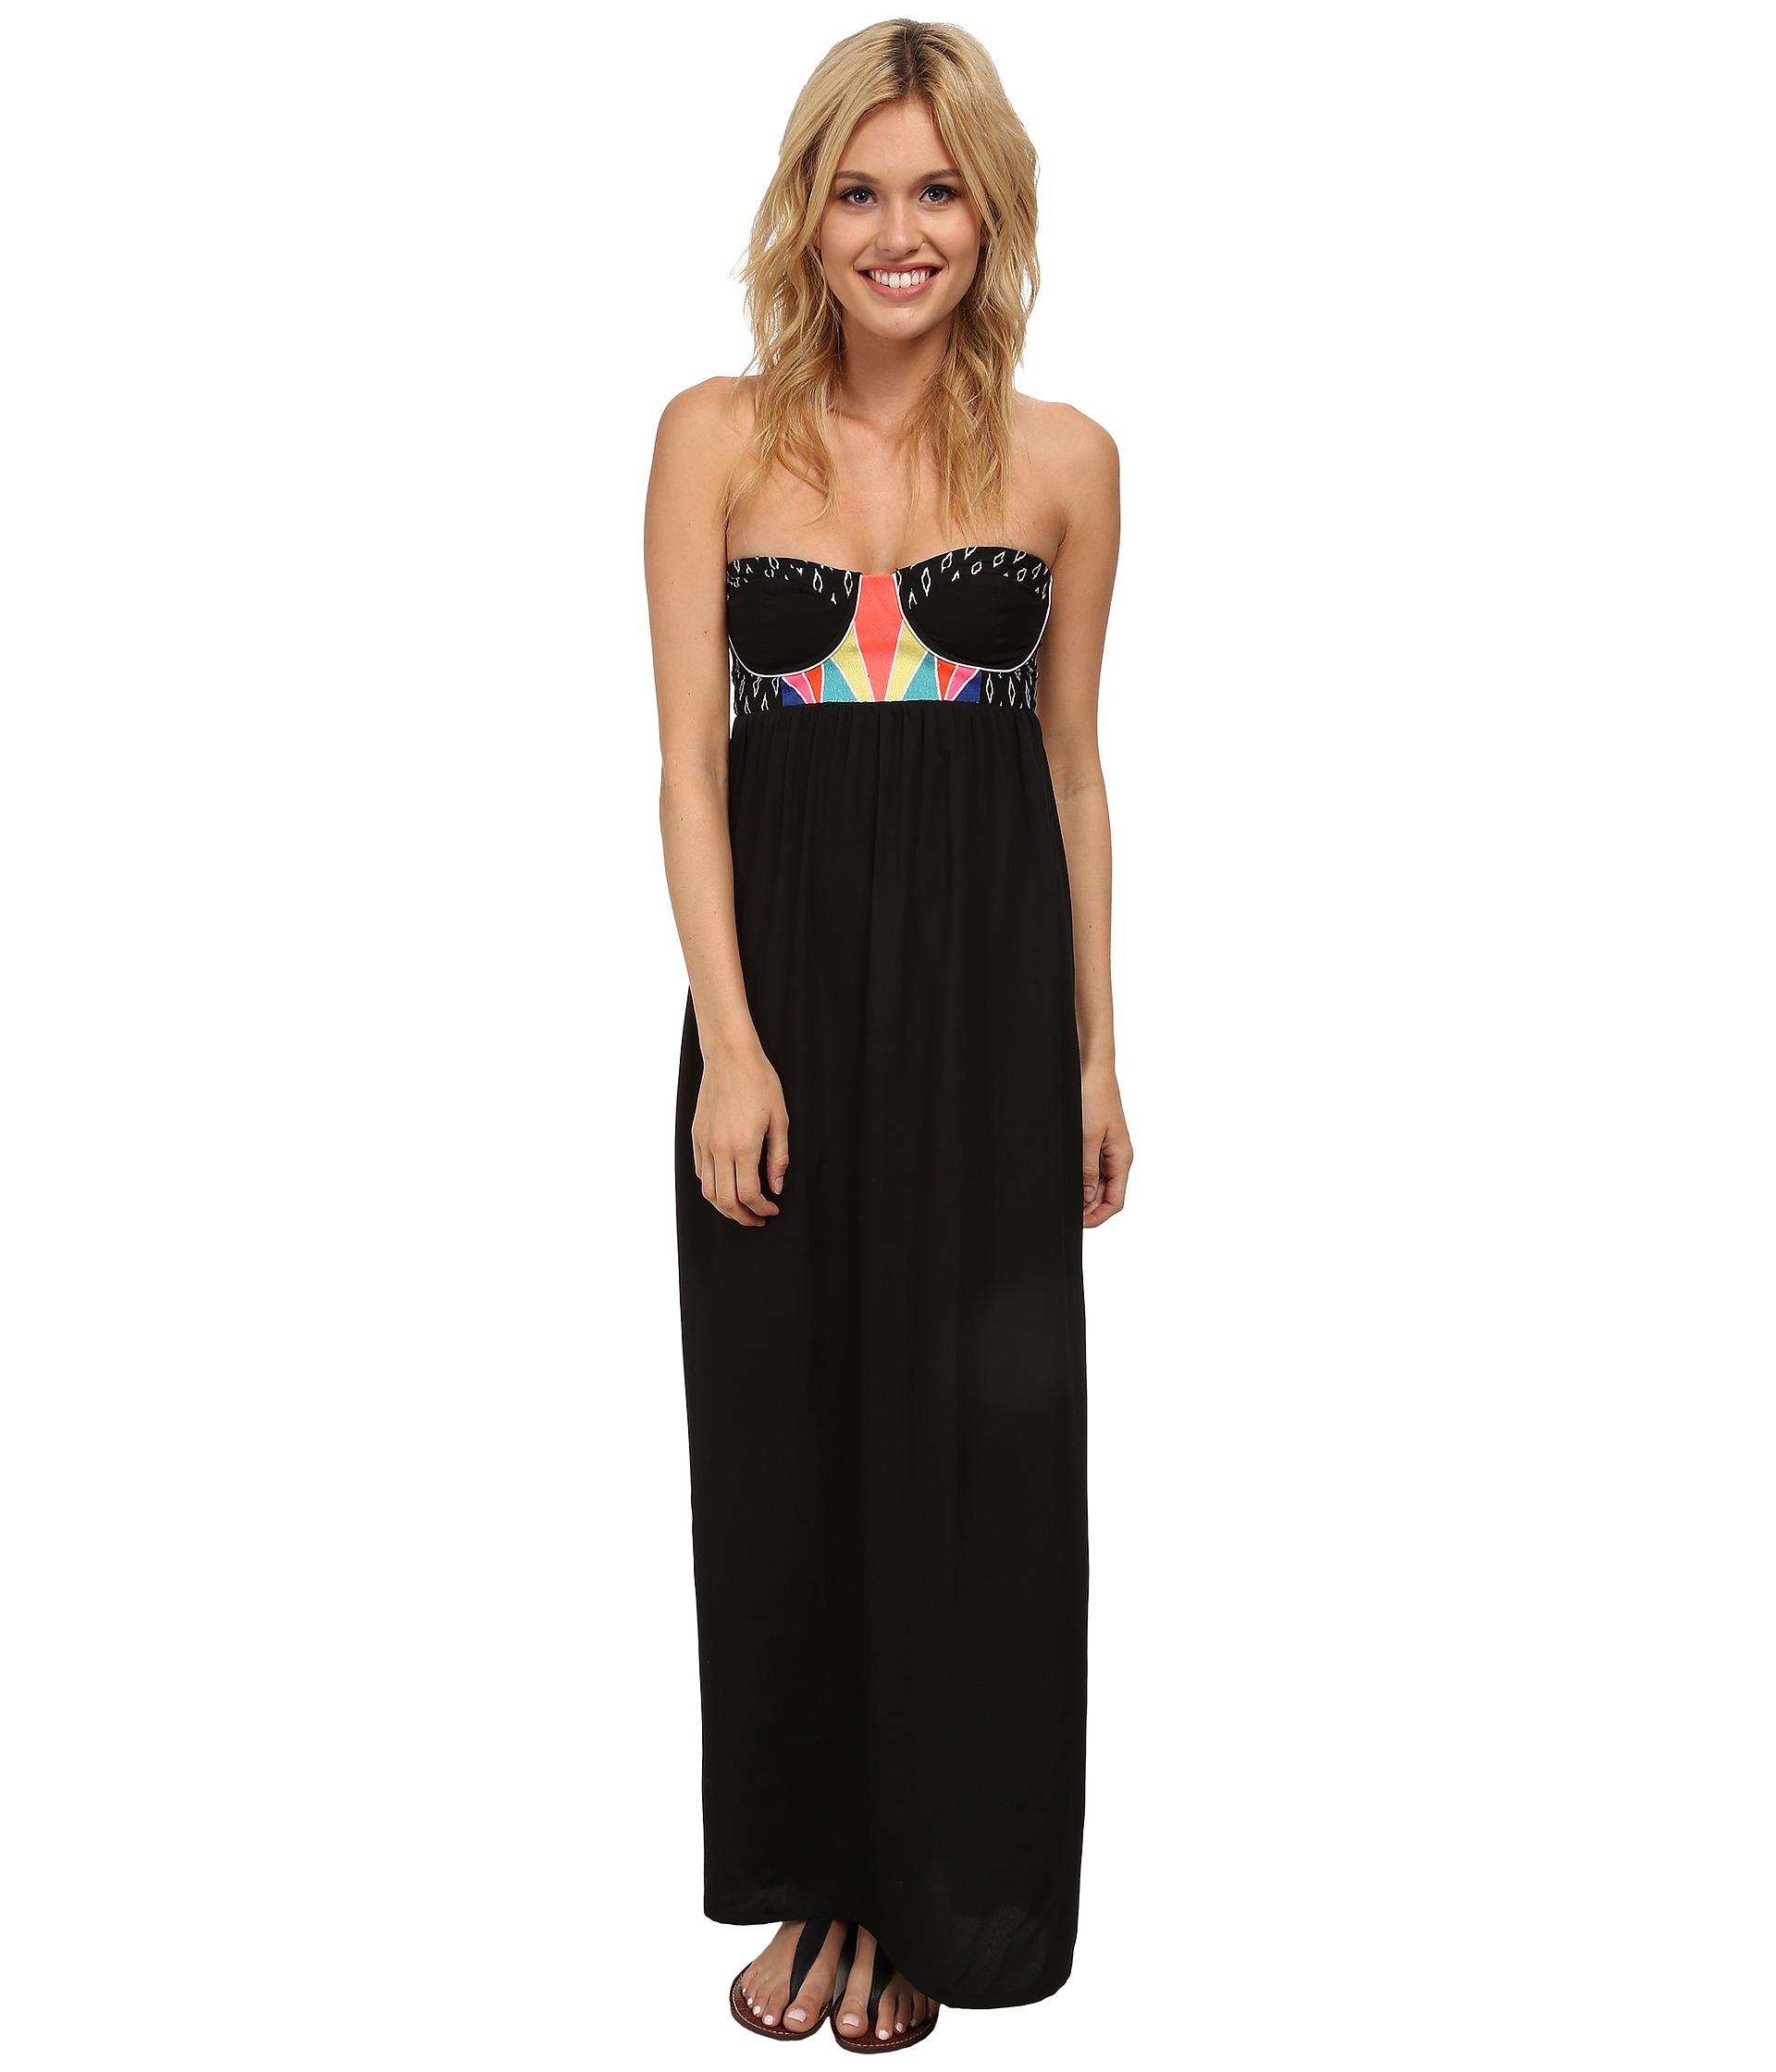 Rip curl Bonita Maxi Dress in Black | Lyst